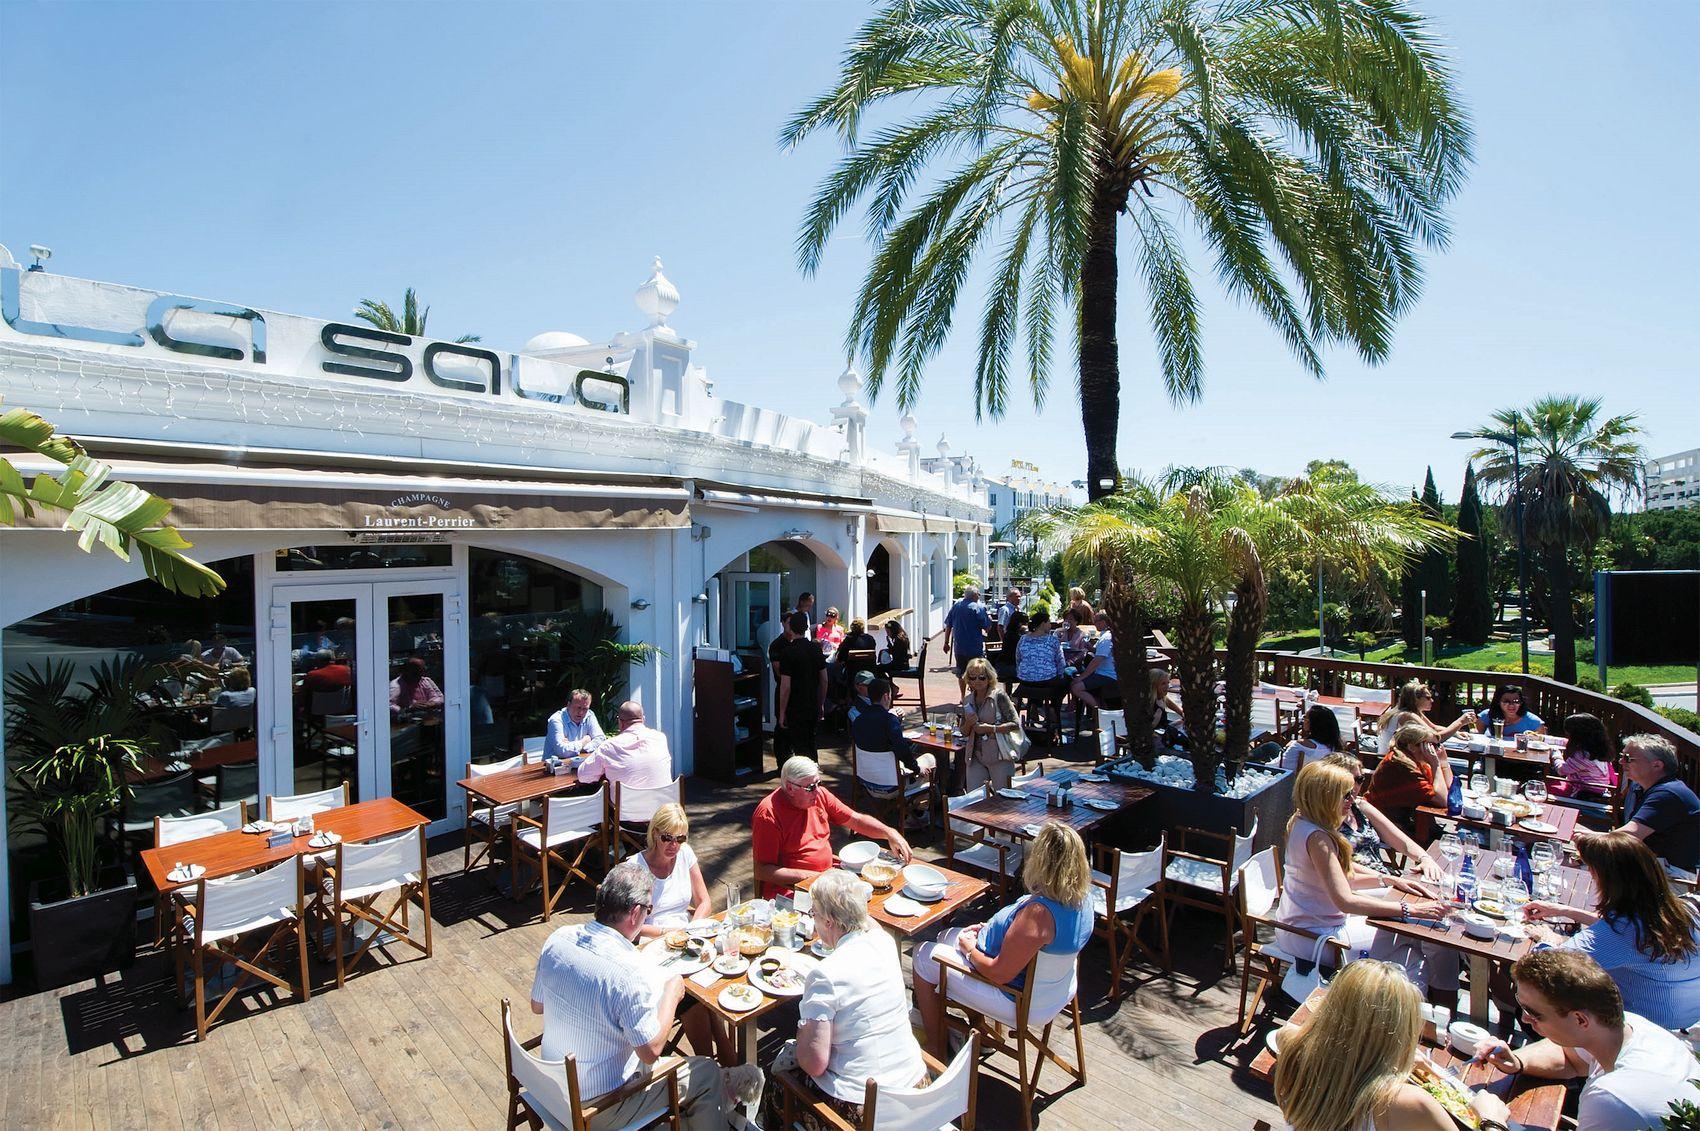 la sala bar and restaurant puerto banus